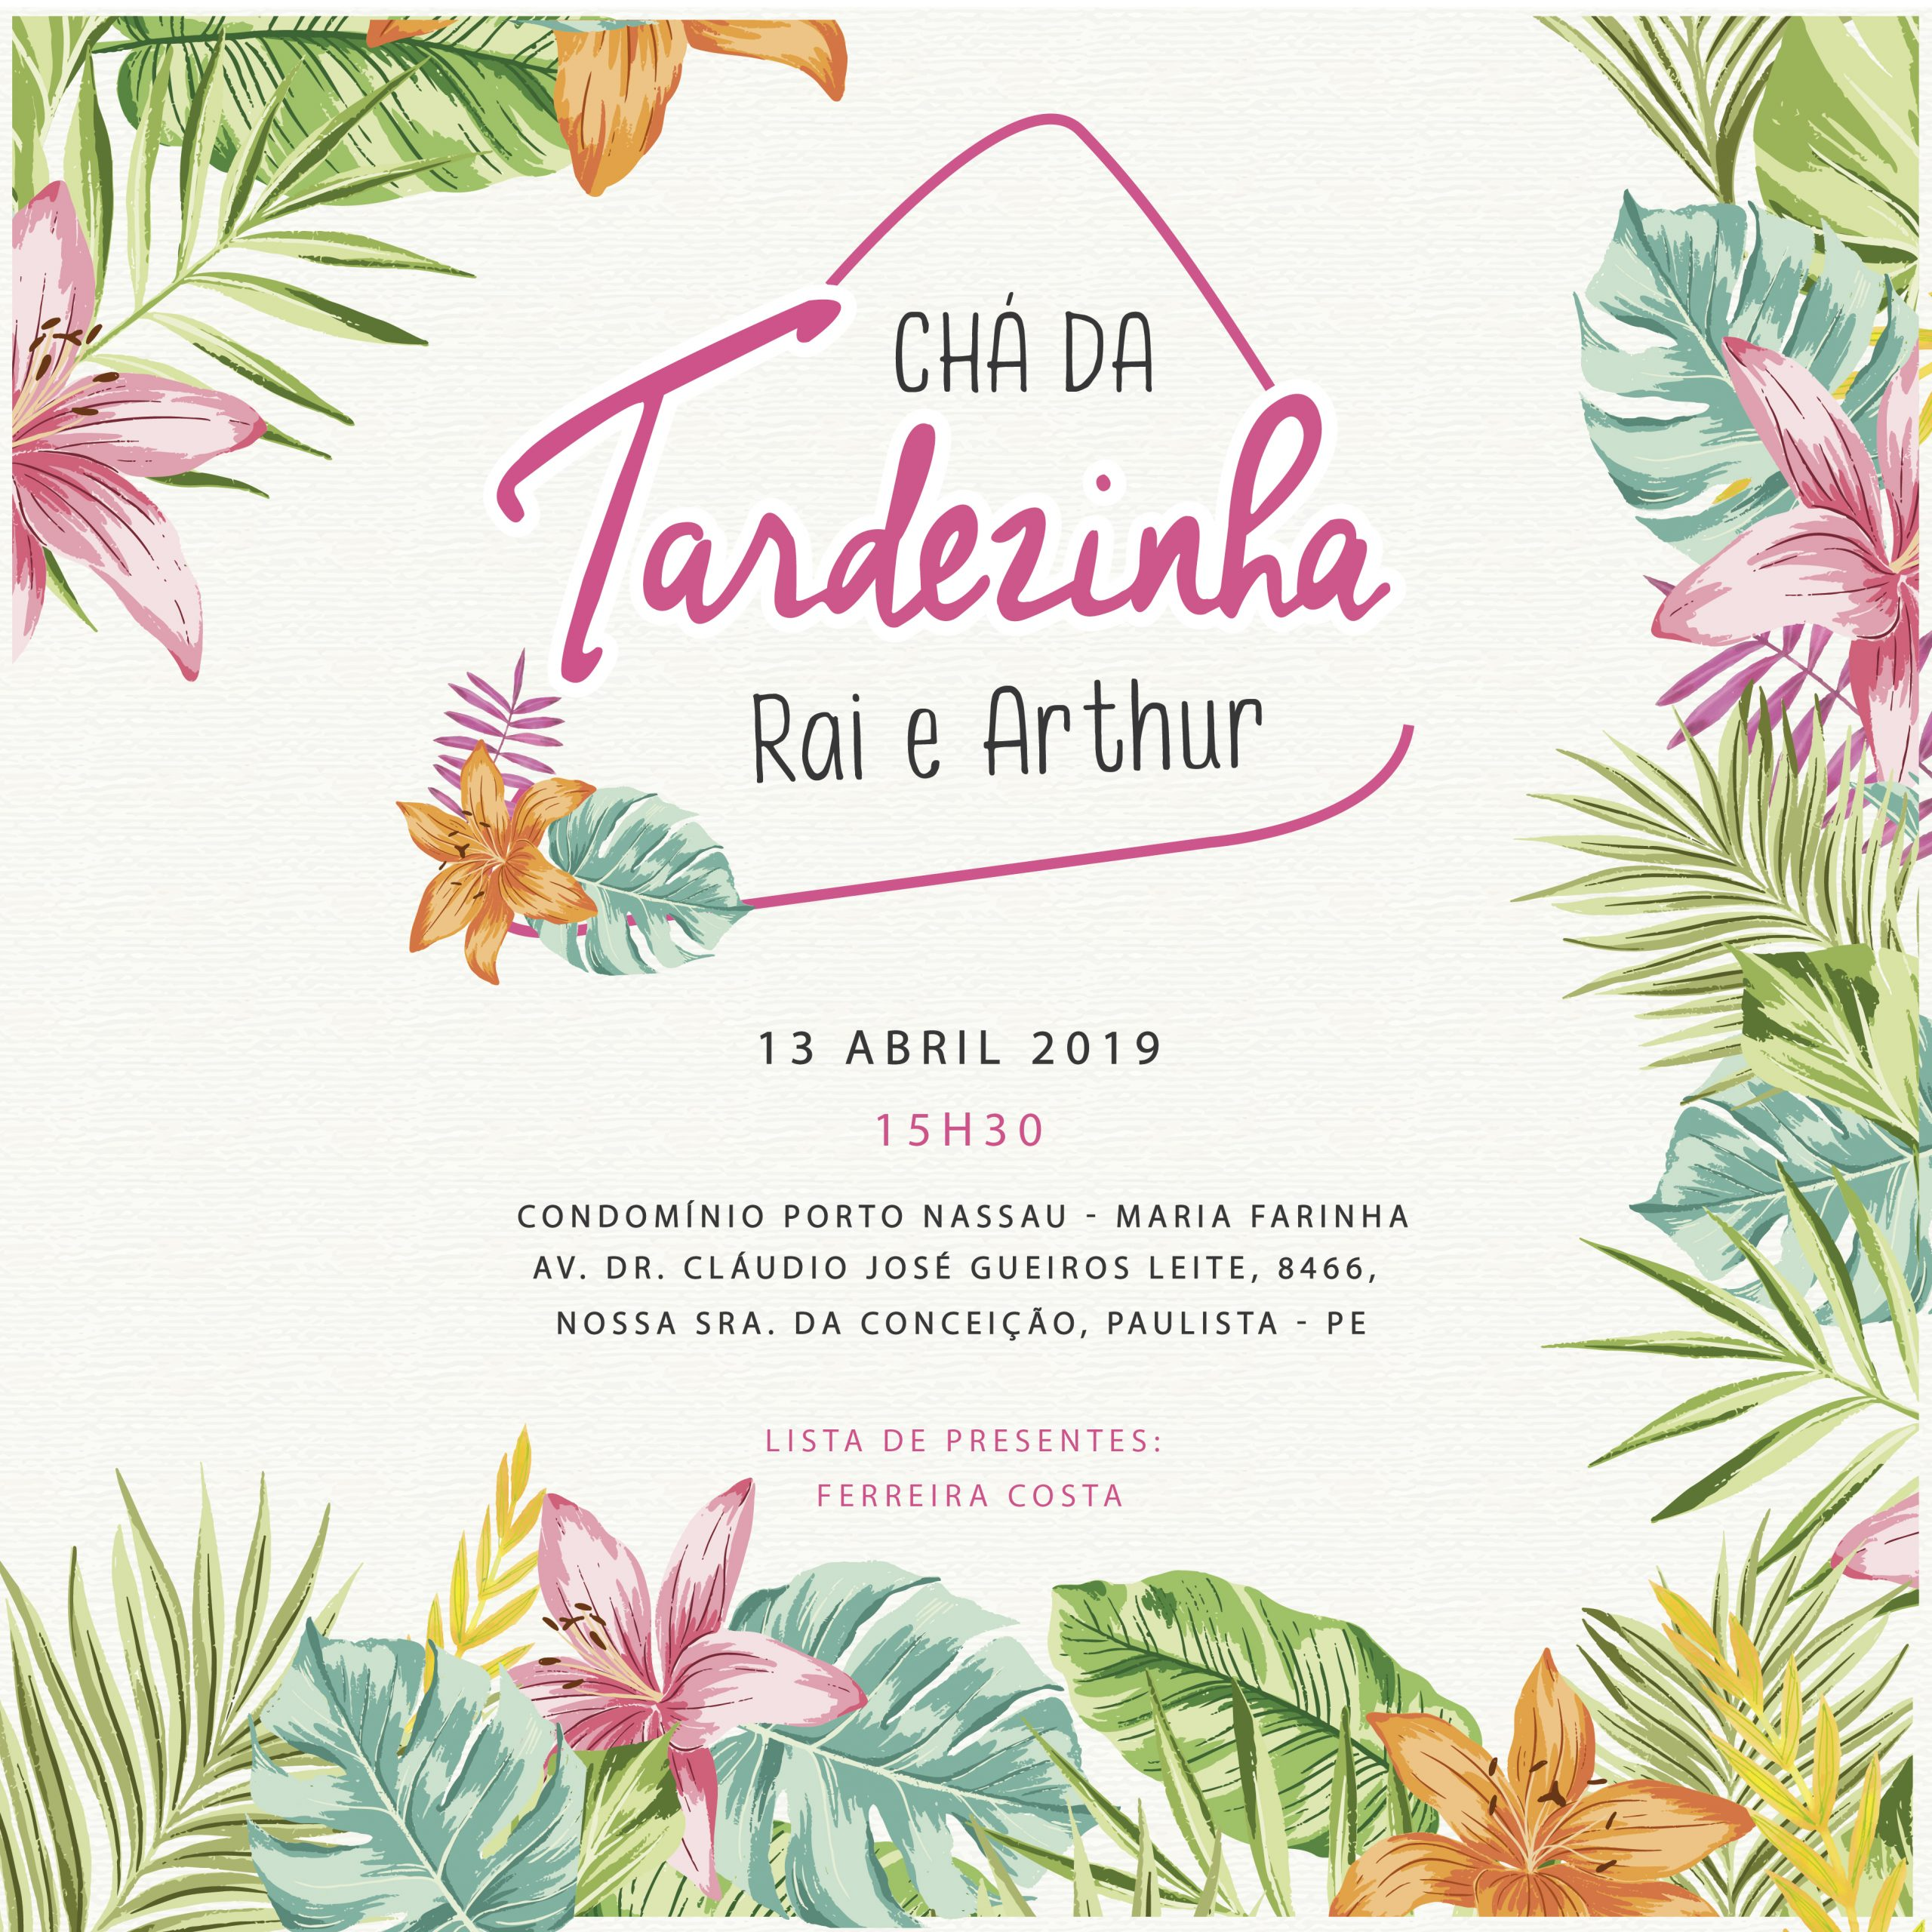 Convite Chá da Tardezinha Rai e Arthur -